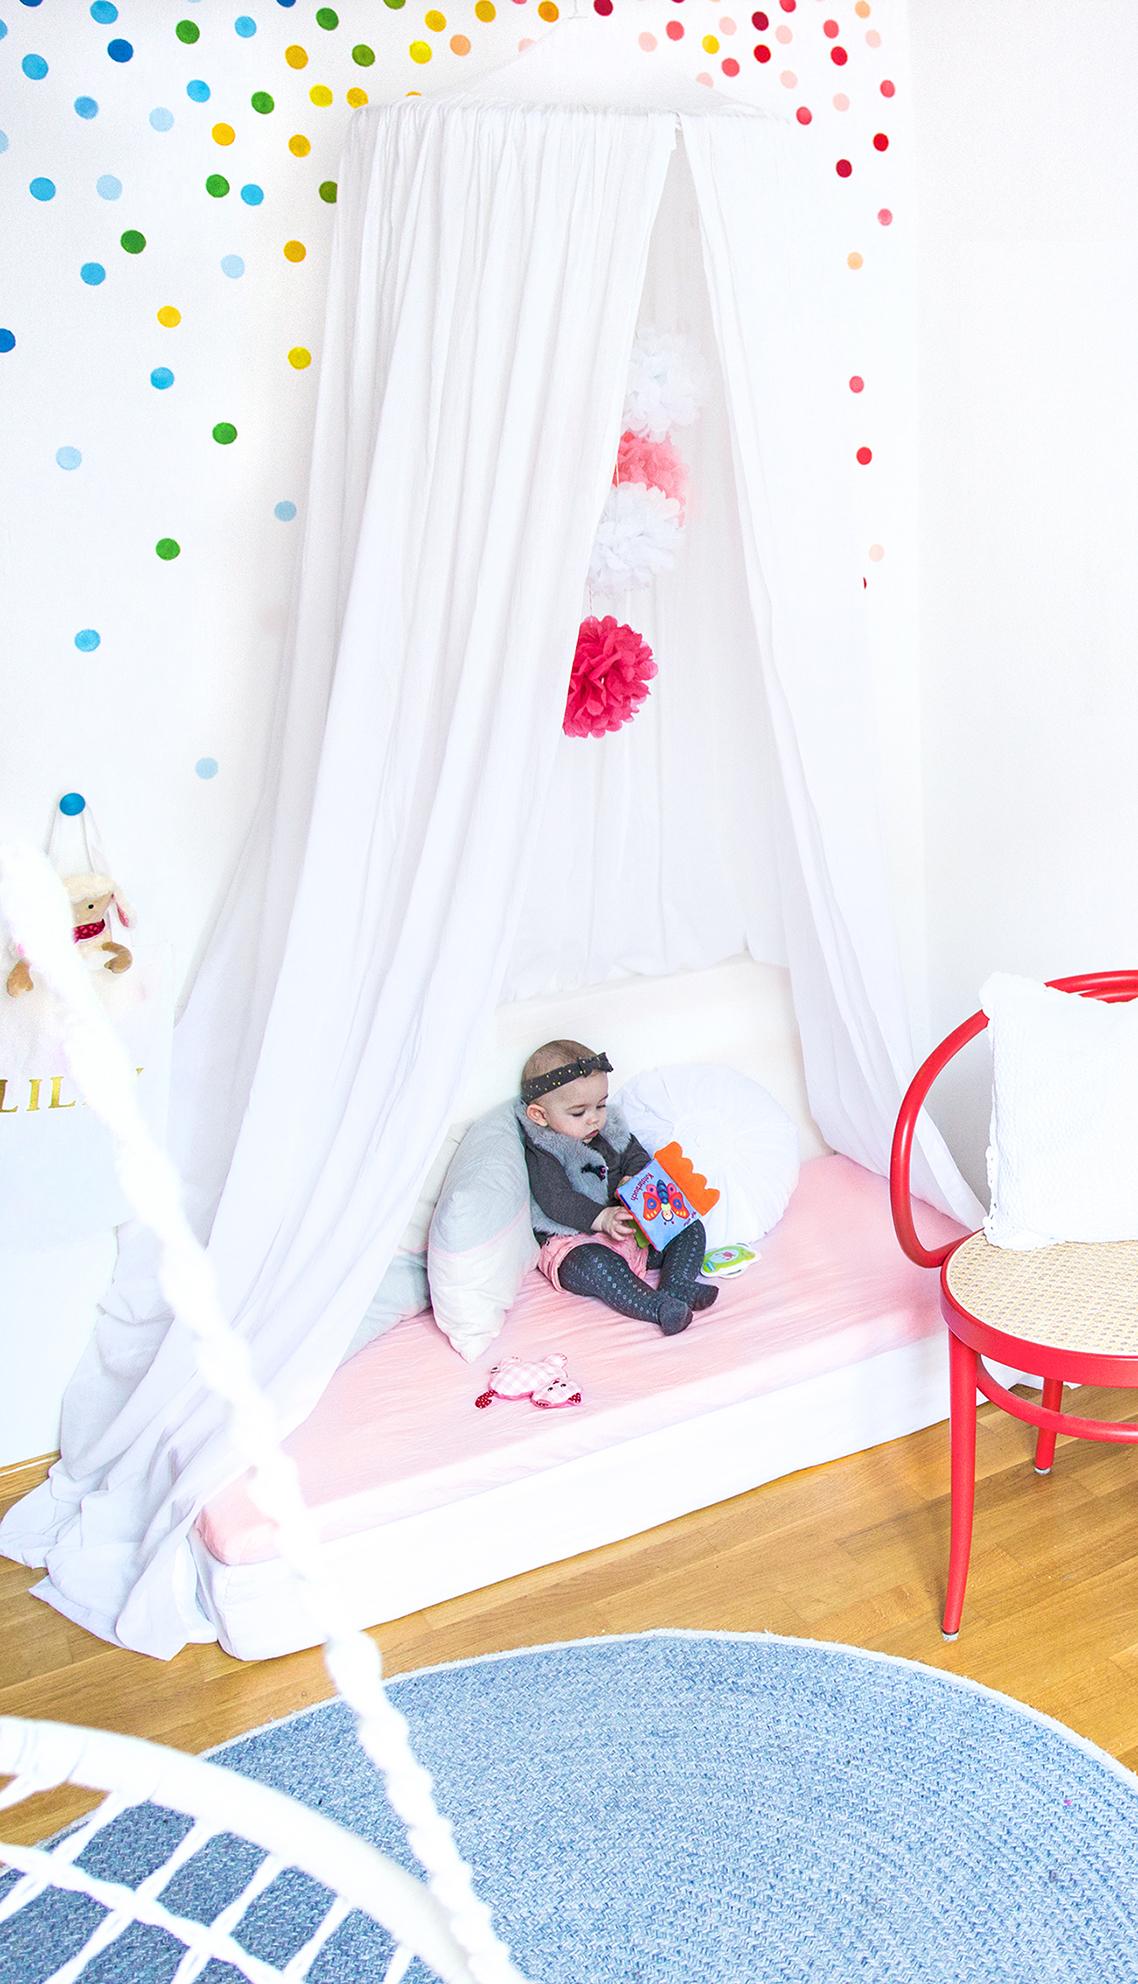 Kinderzimmer ideen meine drei liebsten diy tipps f r eine g nstige einrichtung - Wandgestaltung kinder ...